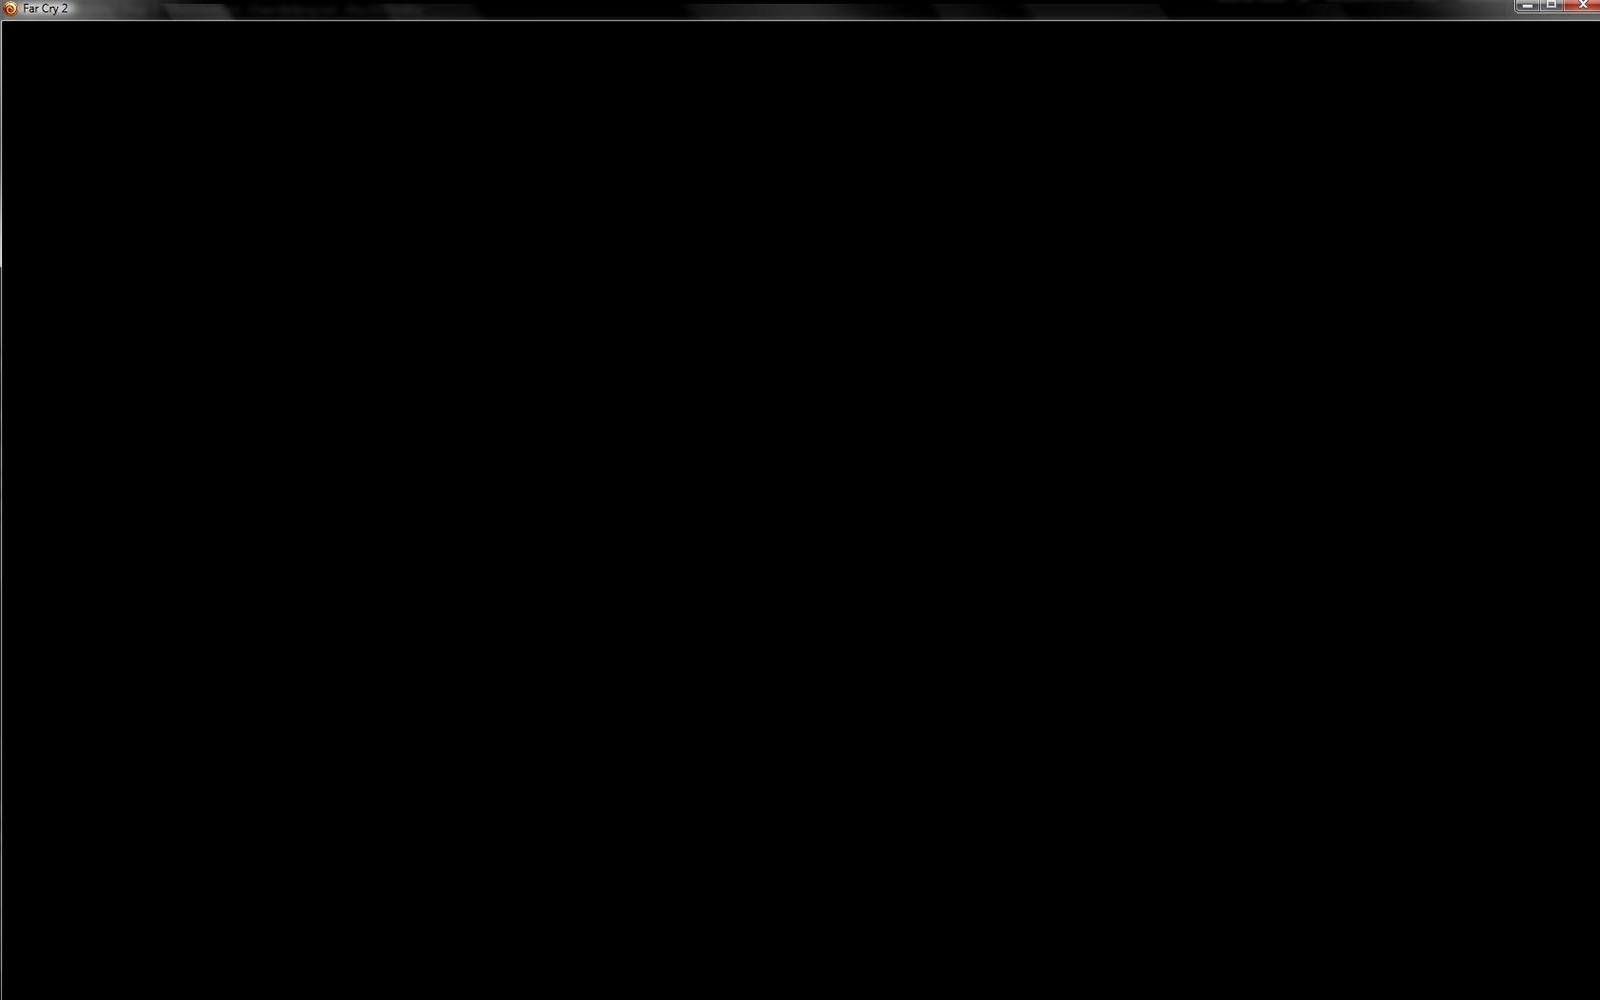 بالصور خلفية سوداء سادة , اناقة و فخامة الخلفيات السوداء 1381 7